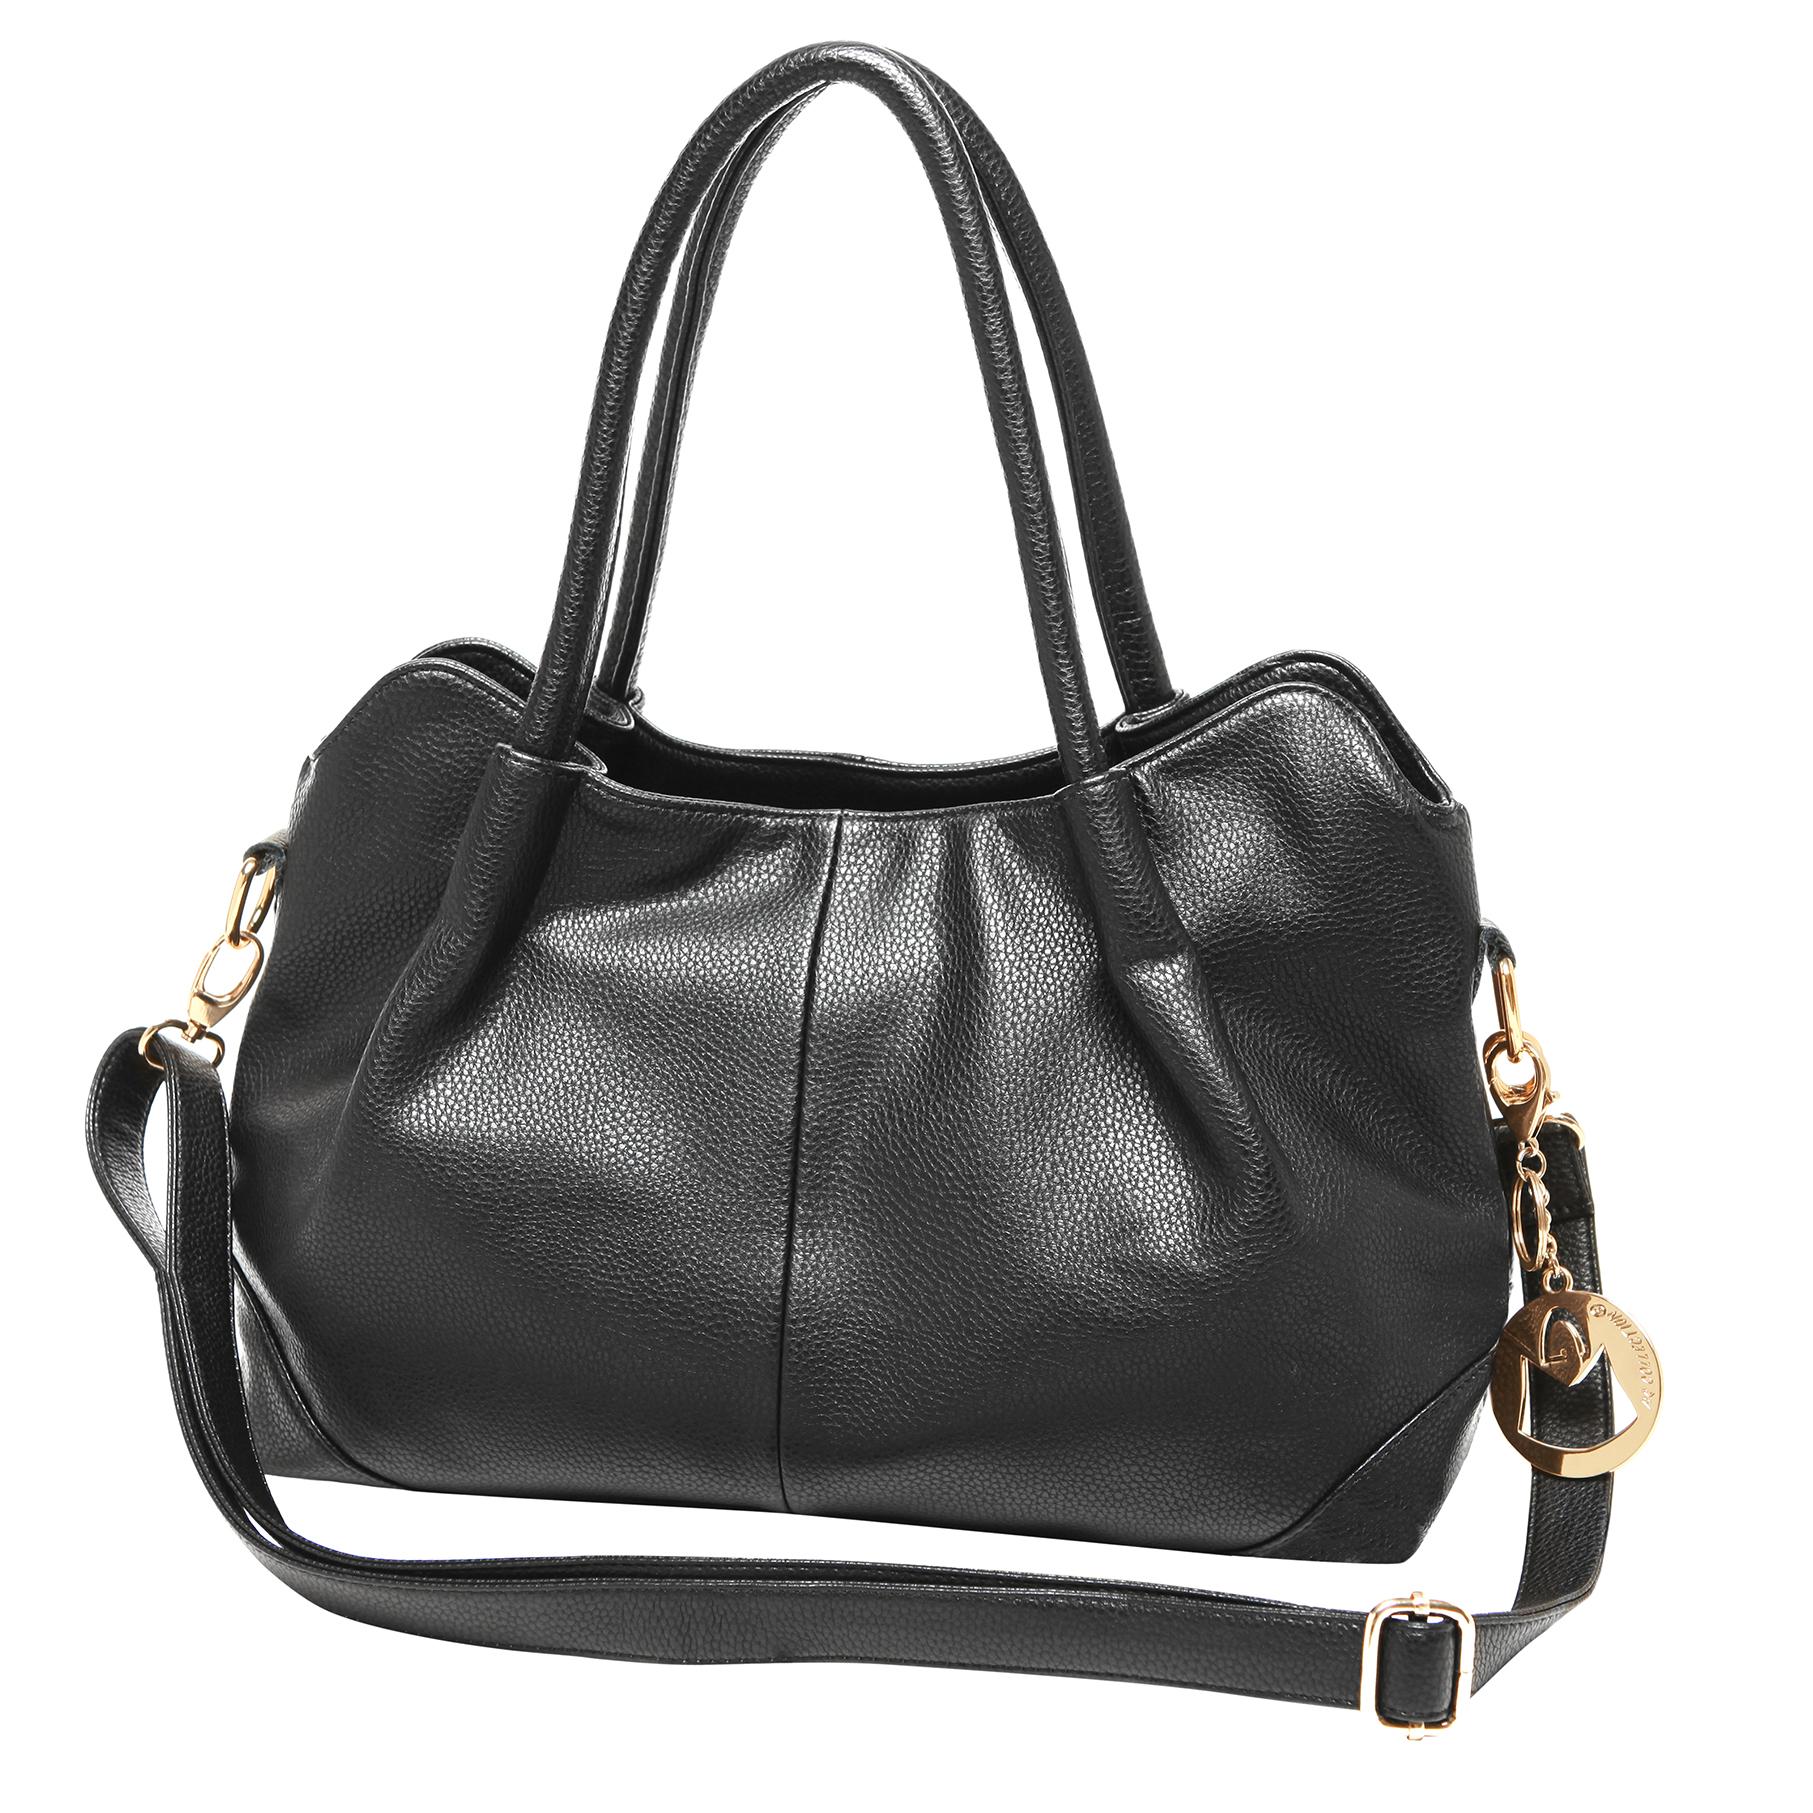 ASSA Black Classic Top Handle Shoulder Bag Handbag main